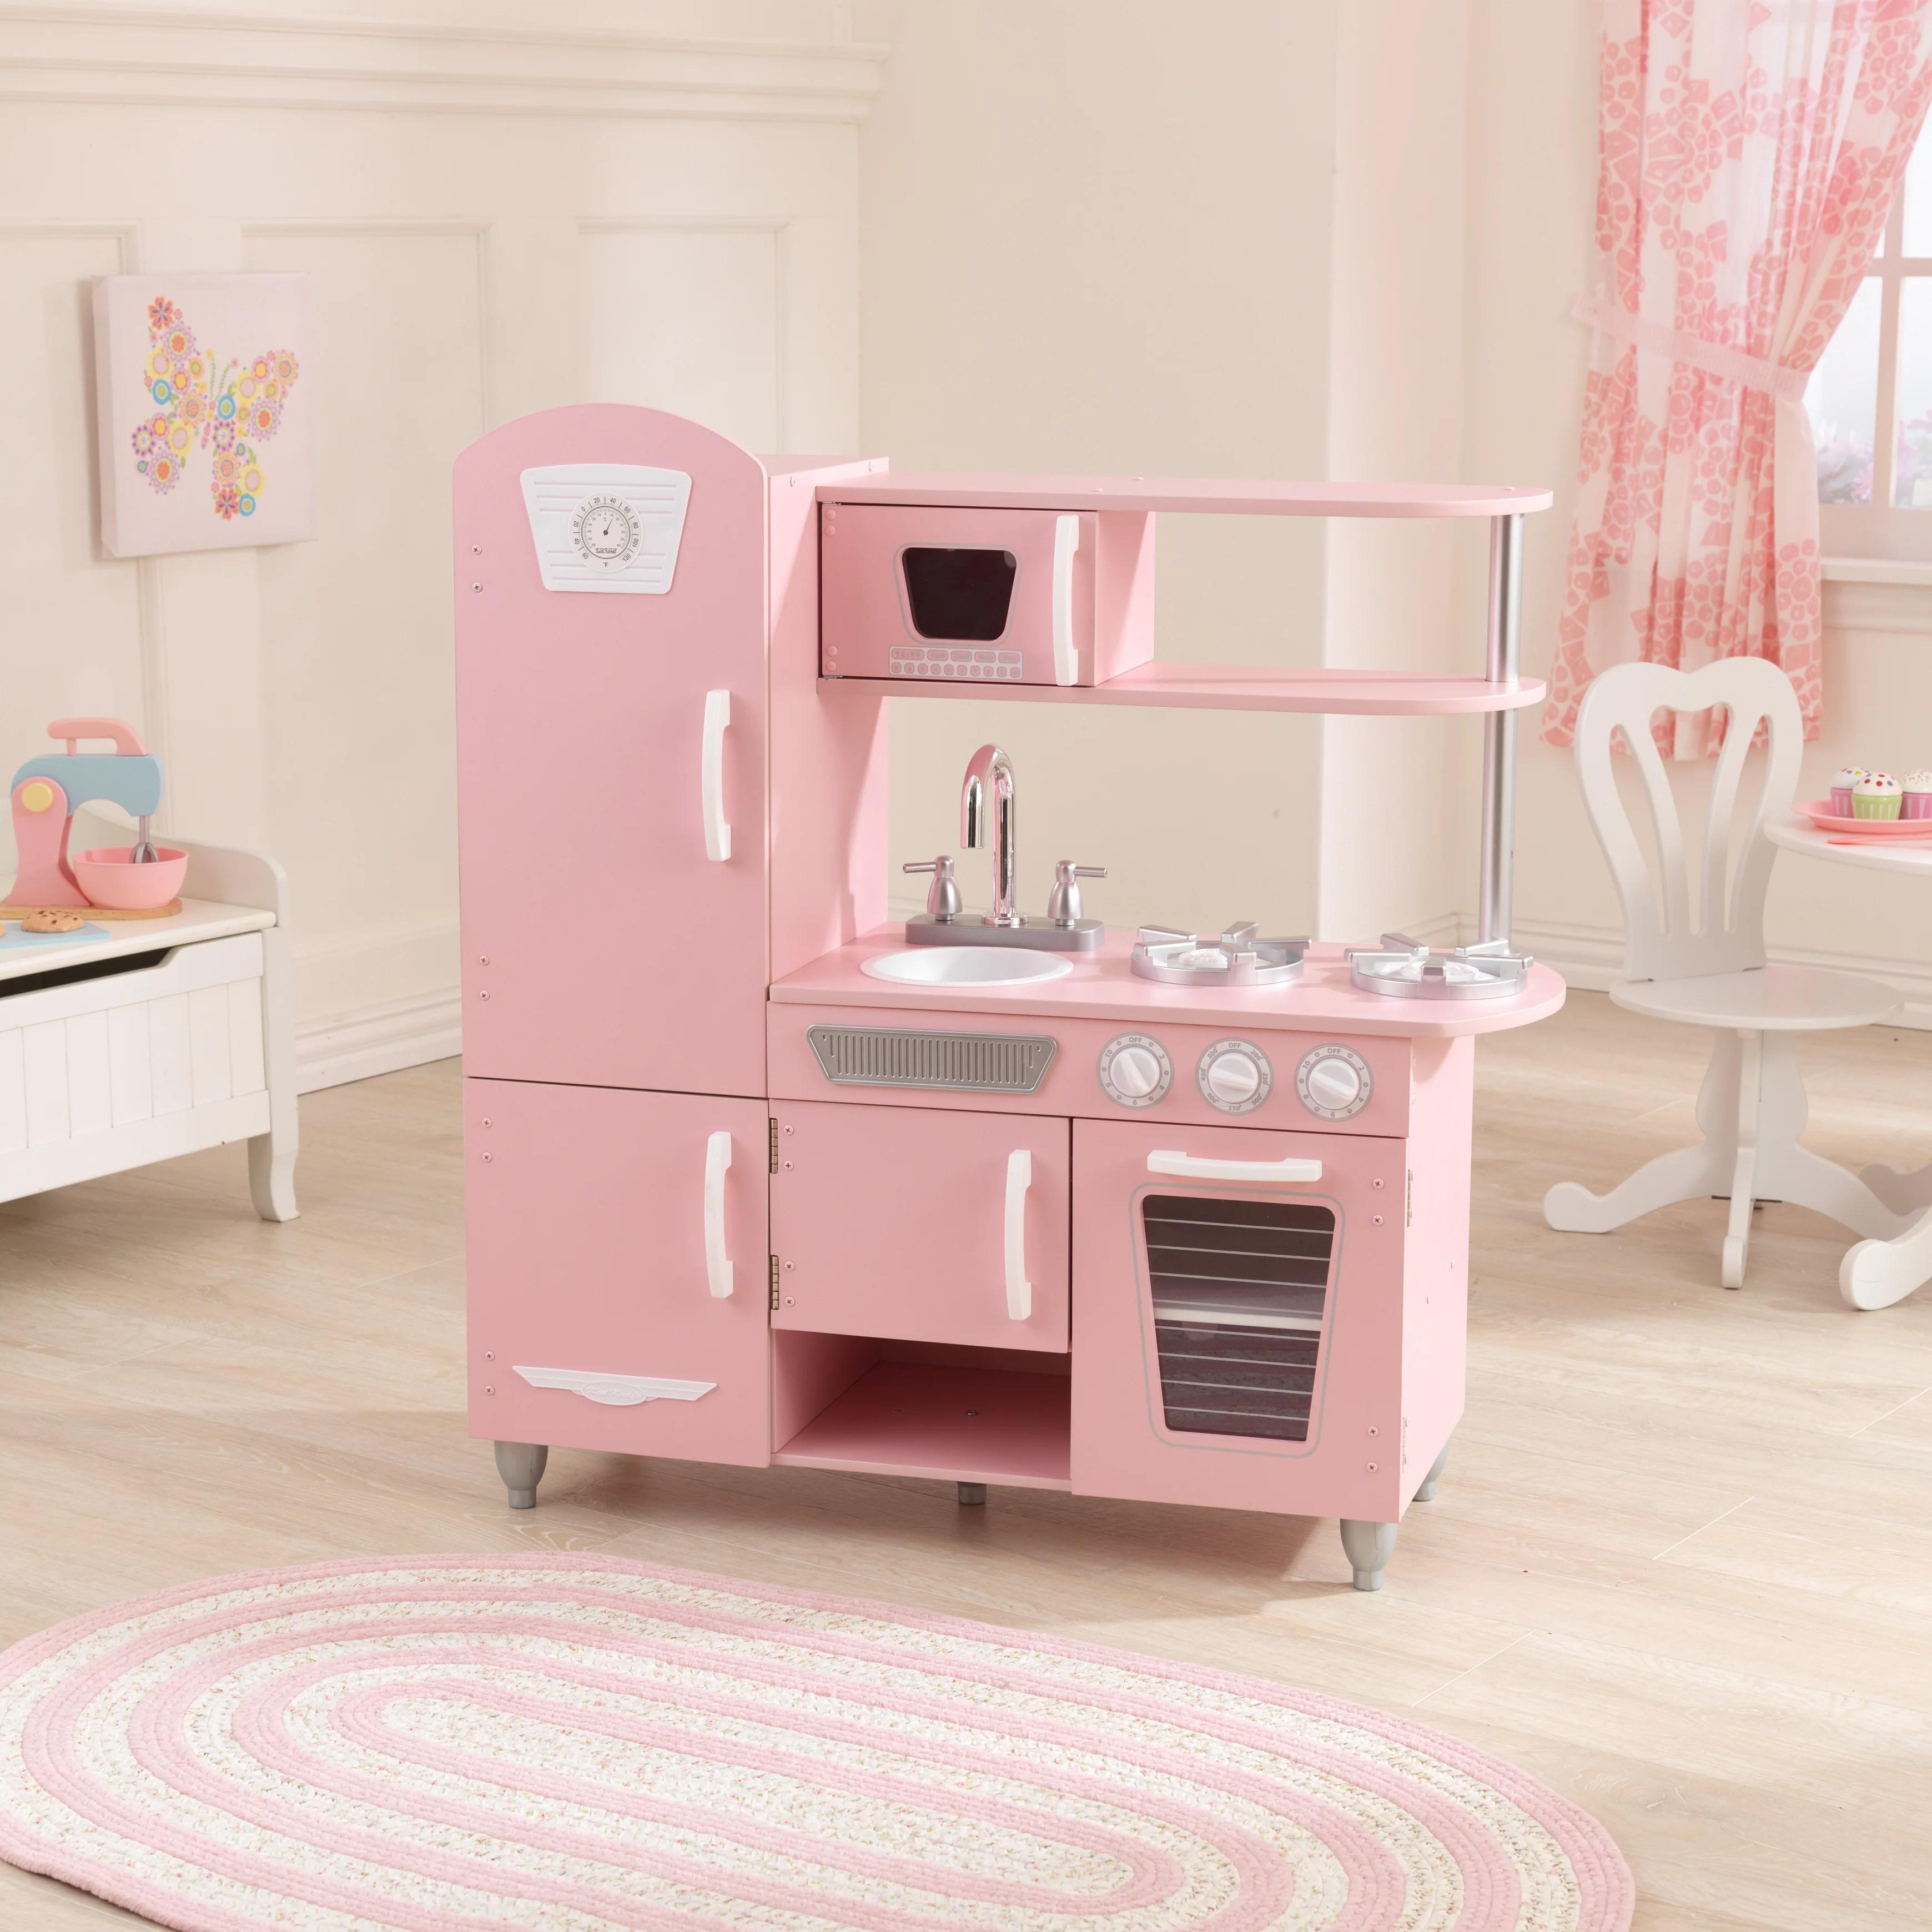 kid craft kitchen best brand for appliances kidkraft vintage play pink walmart com kidkraft厨房